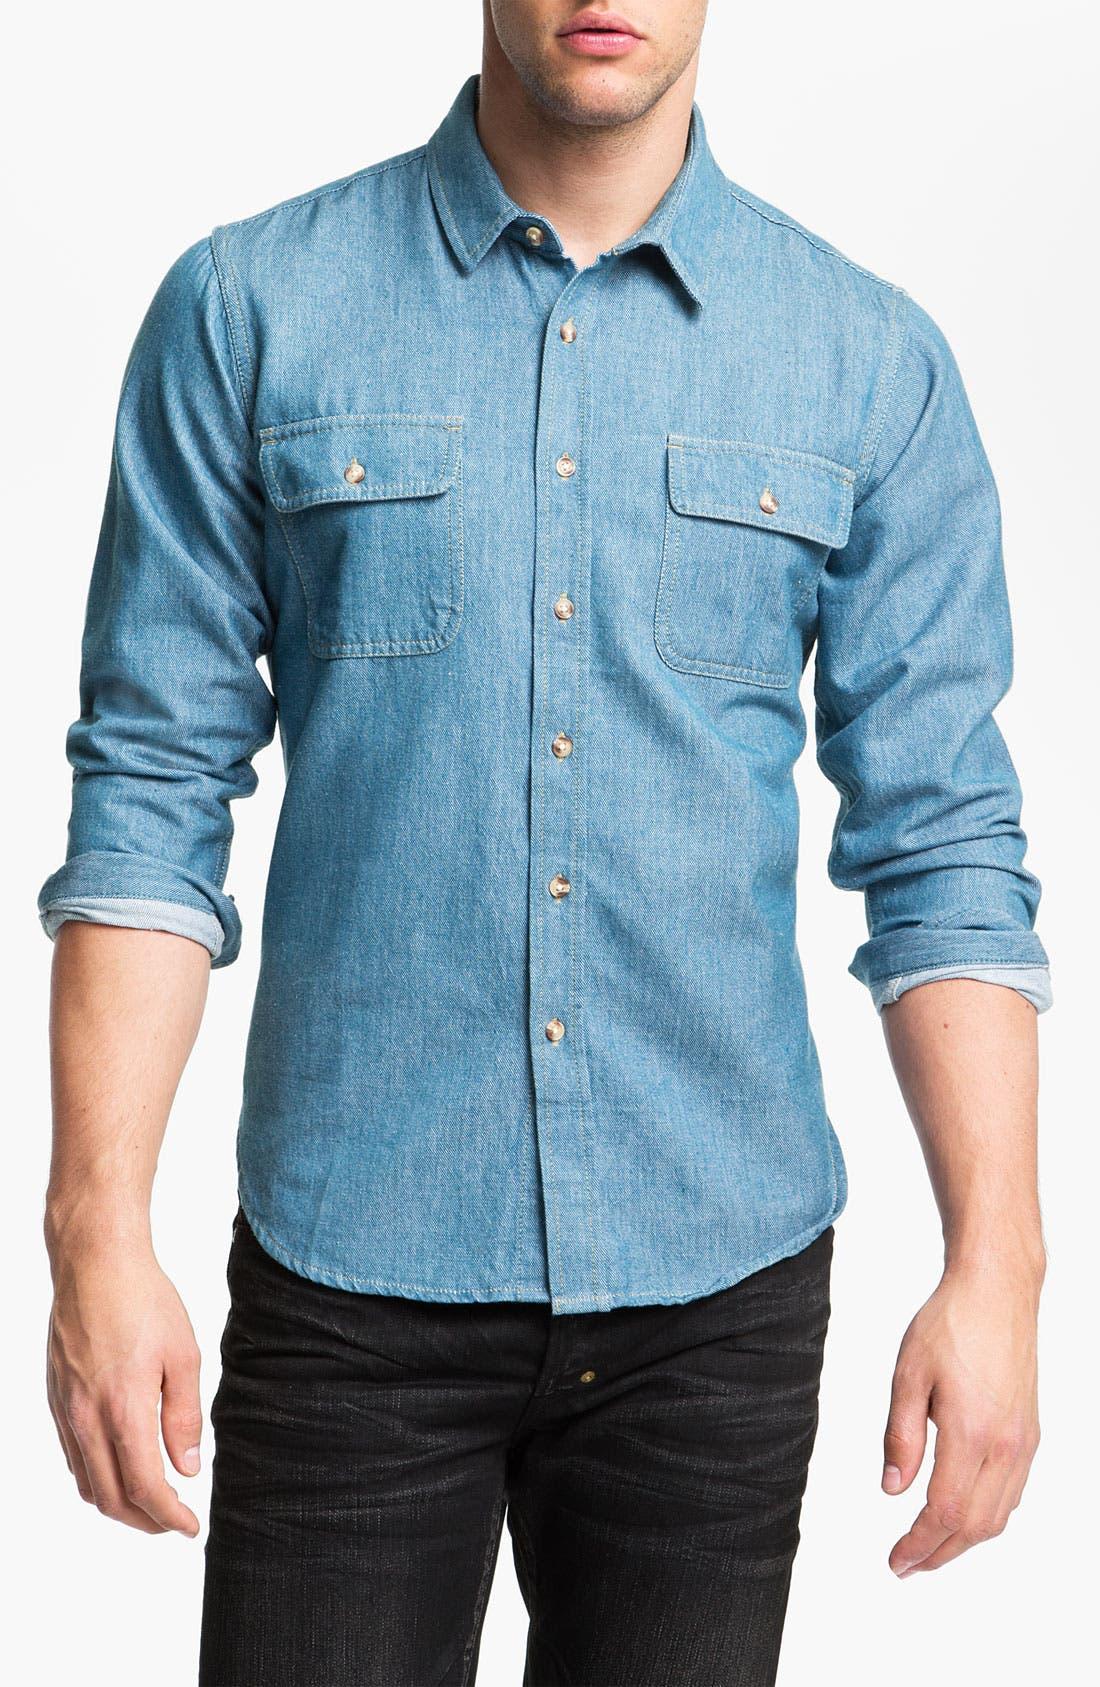 Alternate Image 1 Selected - Pendleton Coat, Obey Shirt & PRPS Slim Fit Jeans